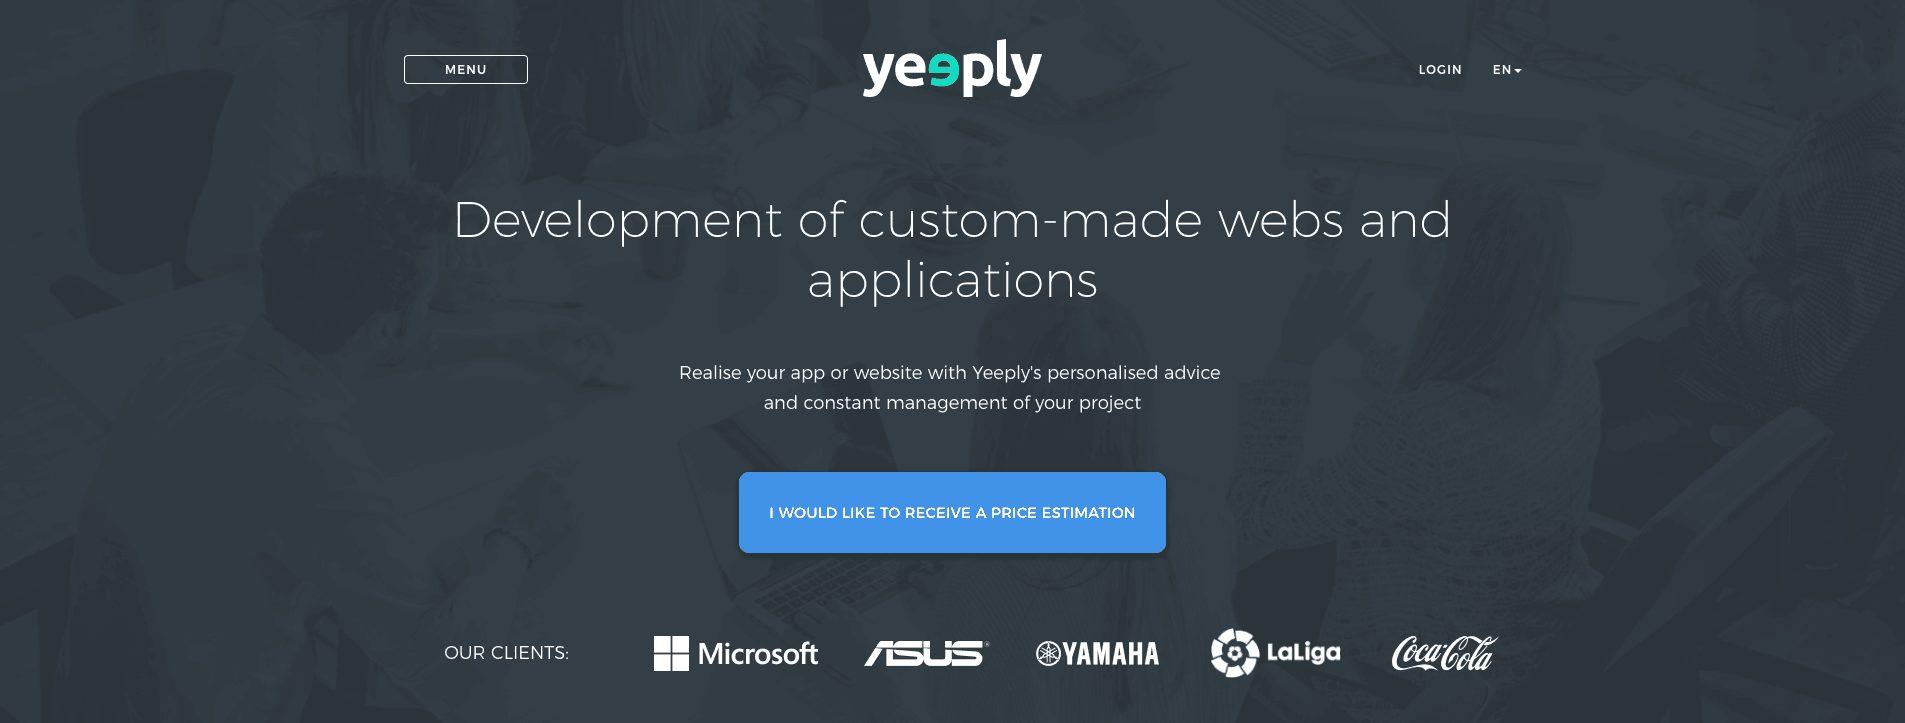 screenshot new website of Yeeply